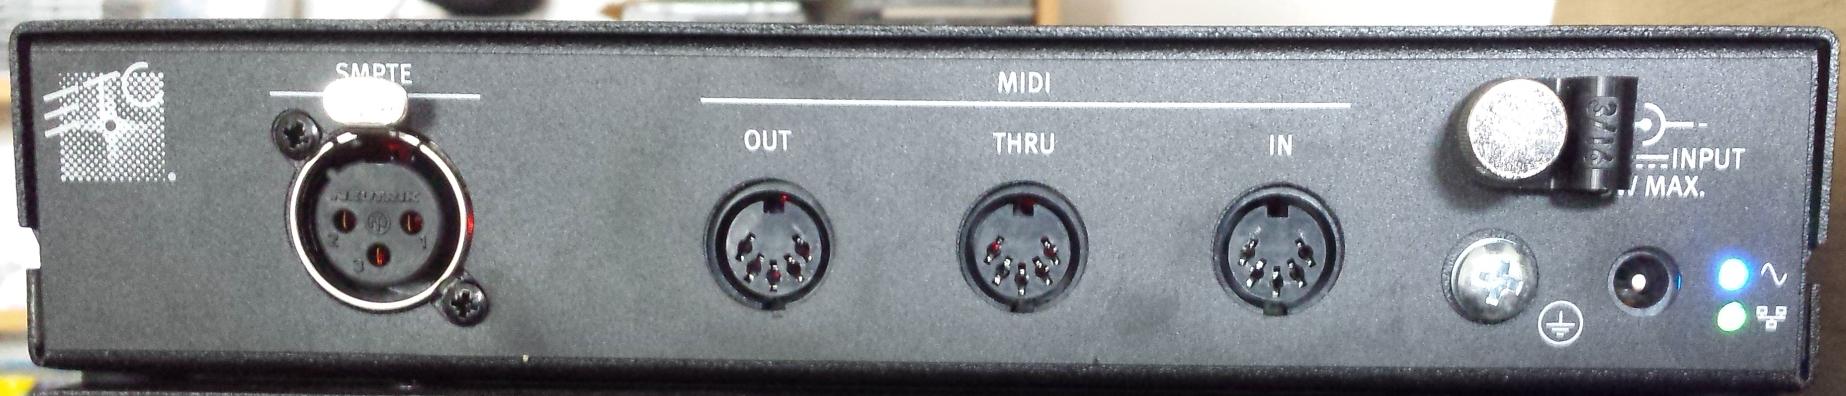 Buchsen Show Control Gateway